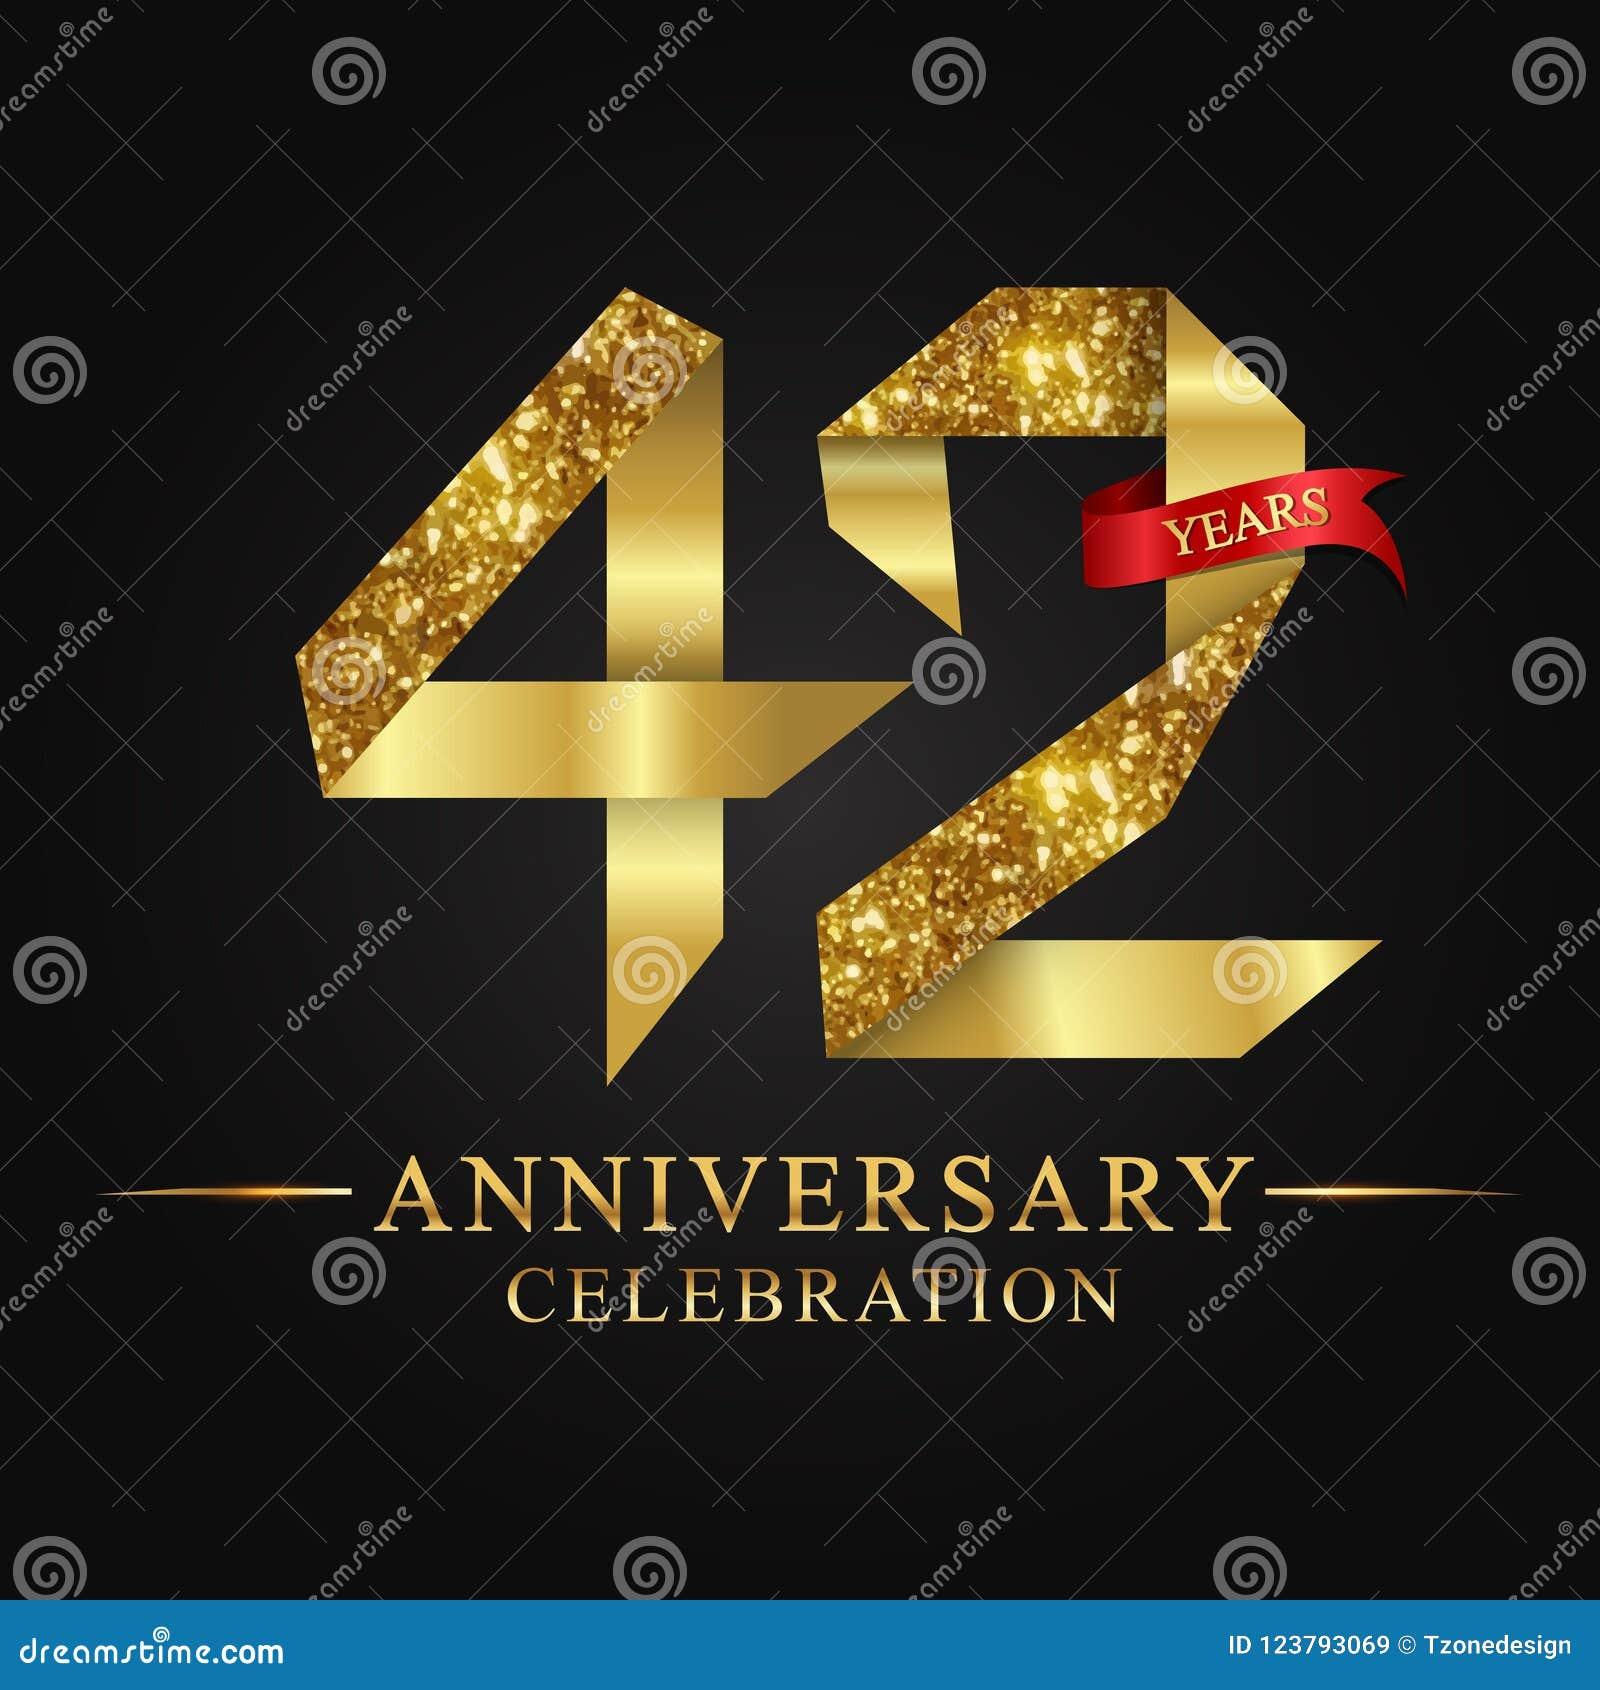 42$ος εορτασμός ετών επετείου logotype Χρυσός αριθμός κορδελλών λογότυπων και κόκκινη κορδέλλα στο μαύρο υπόβαθρο